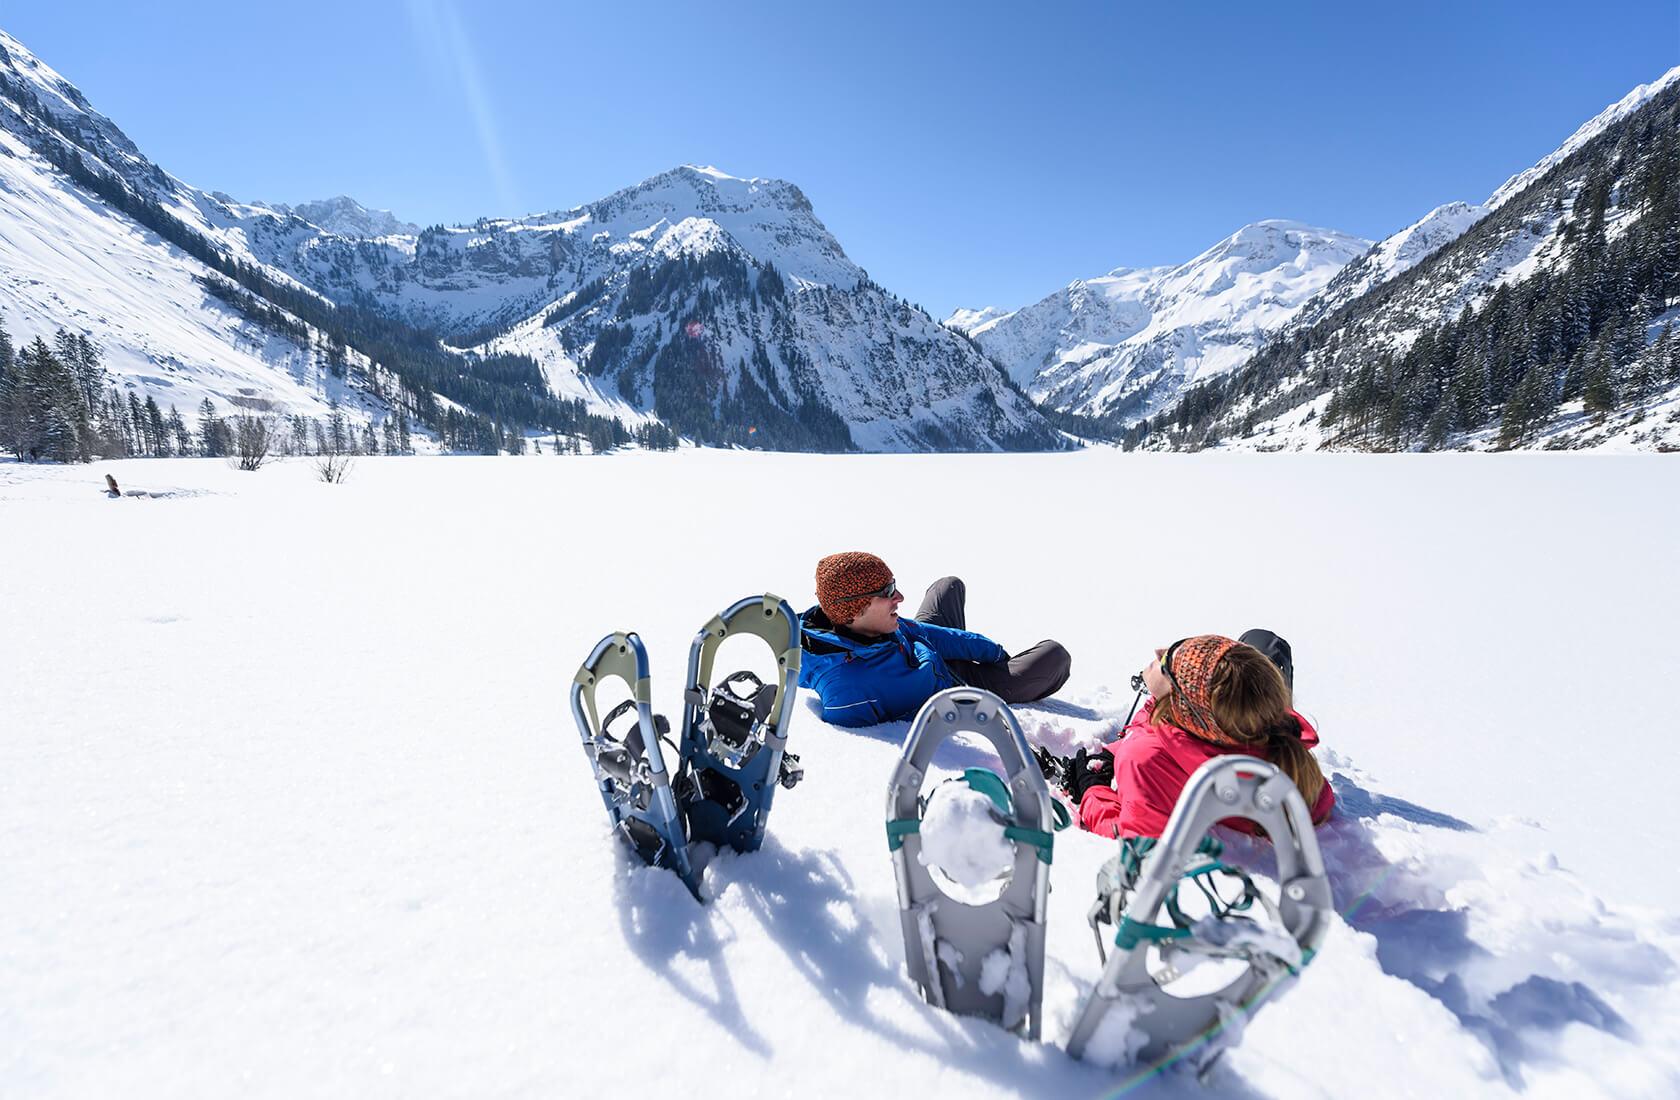 urlaub aktivitäten zum wandern im winter im Tannheimer tal